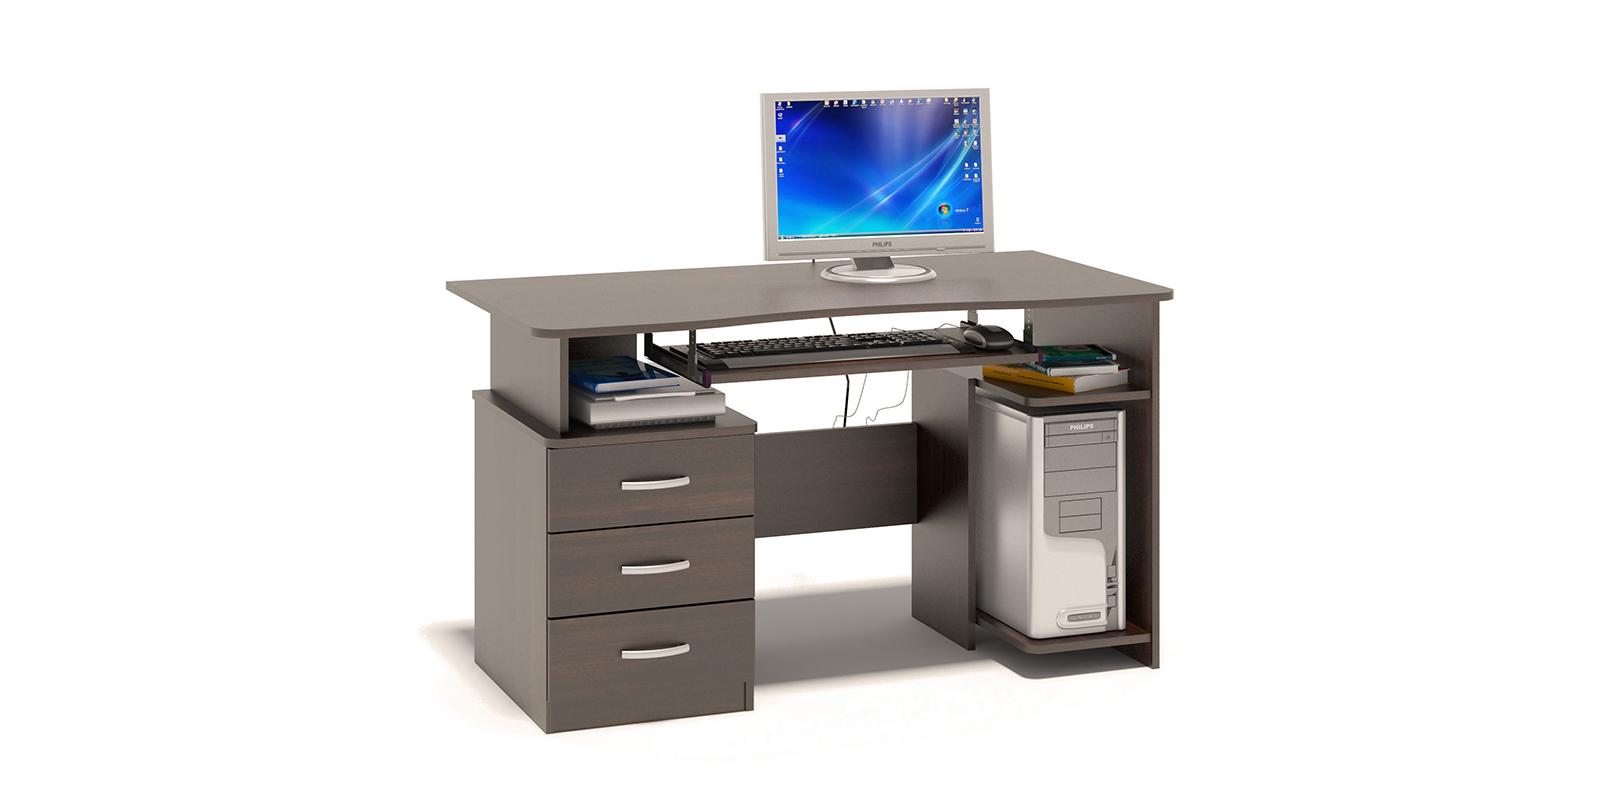 Стол компьютерный Рико вариант №2 (венге)